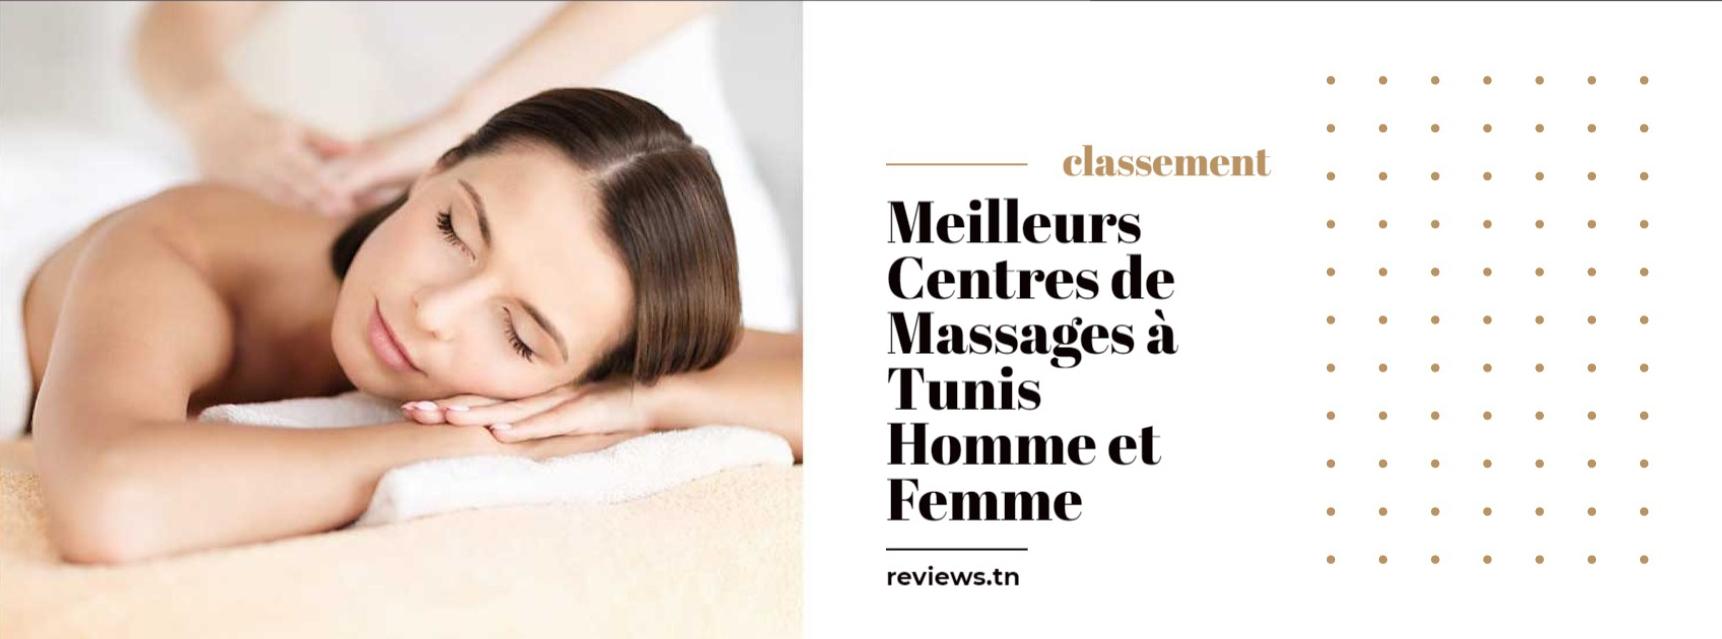 Liste Meilleurs Centres de Massages à Tunis (Homme et Femme)